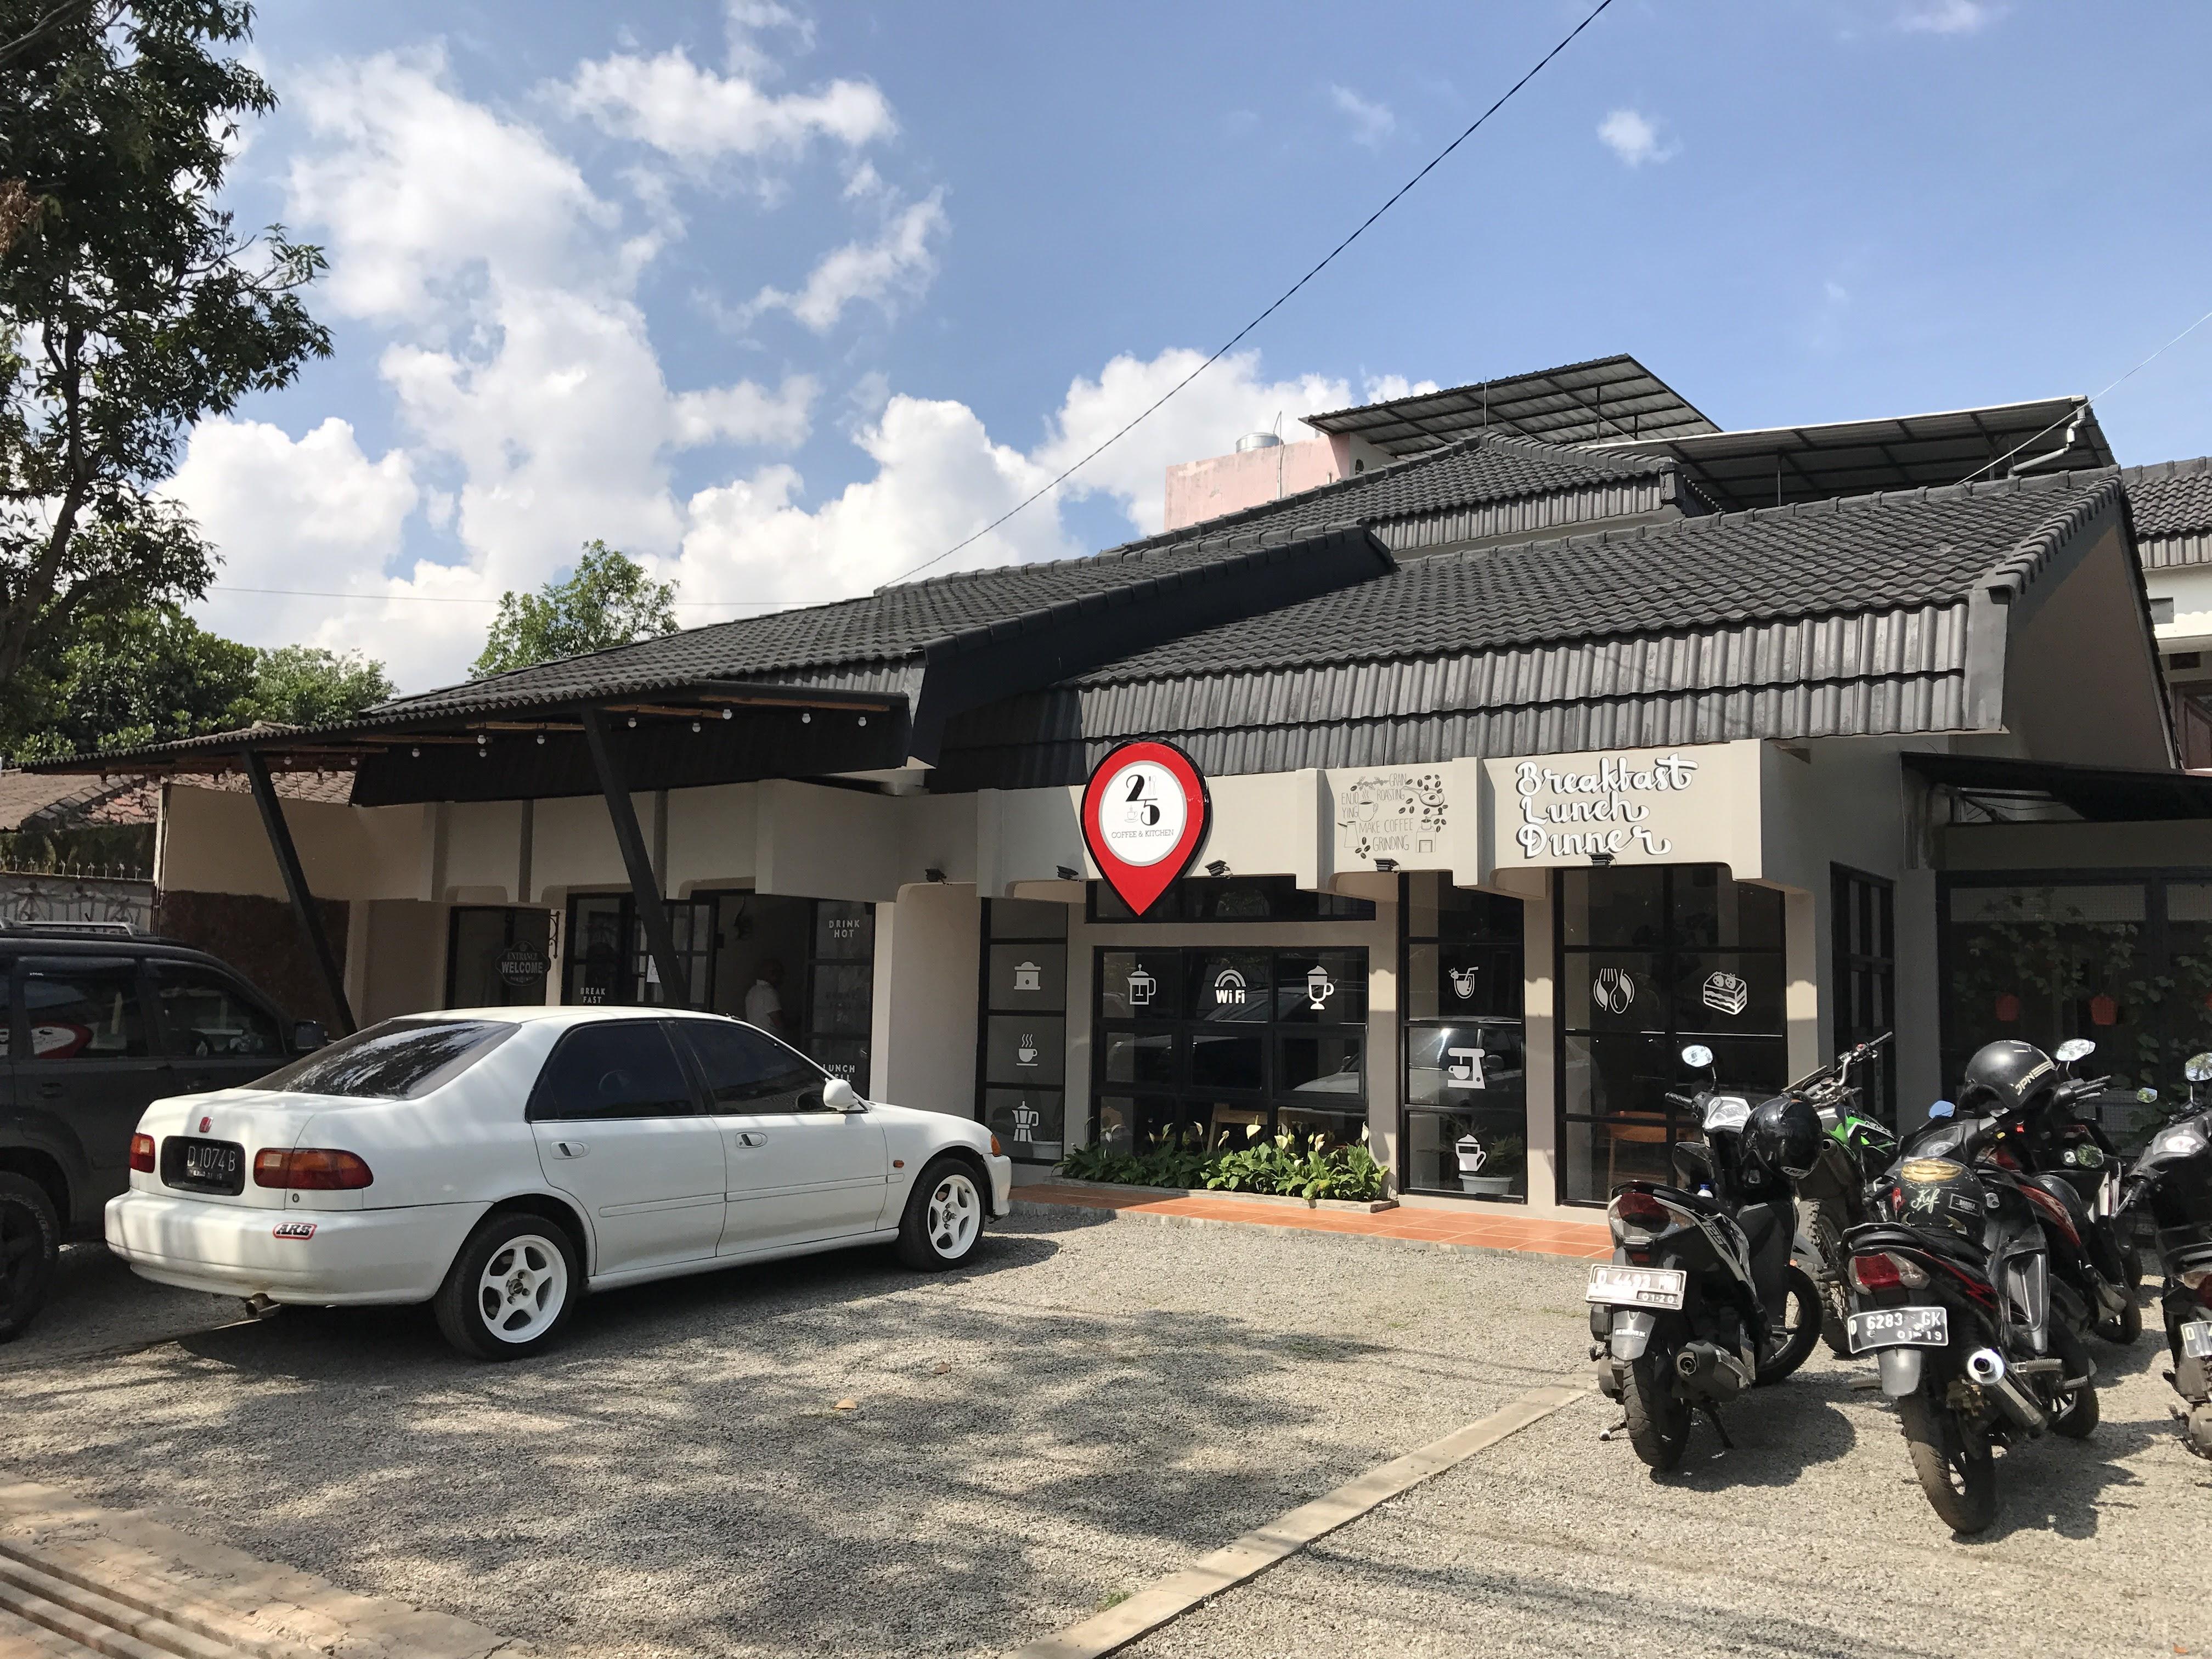 25 Coffee and Kitchen, Tempat Asik Sarapan dan Ngopi di Bandung Timur